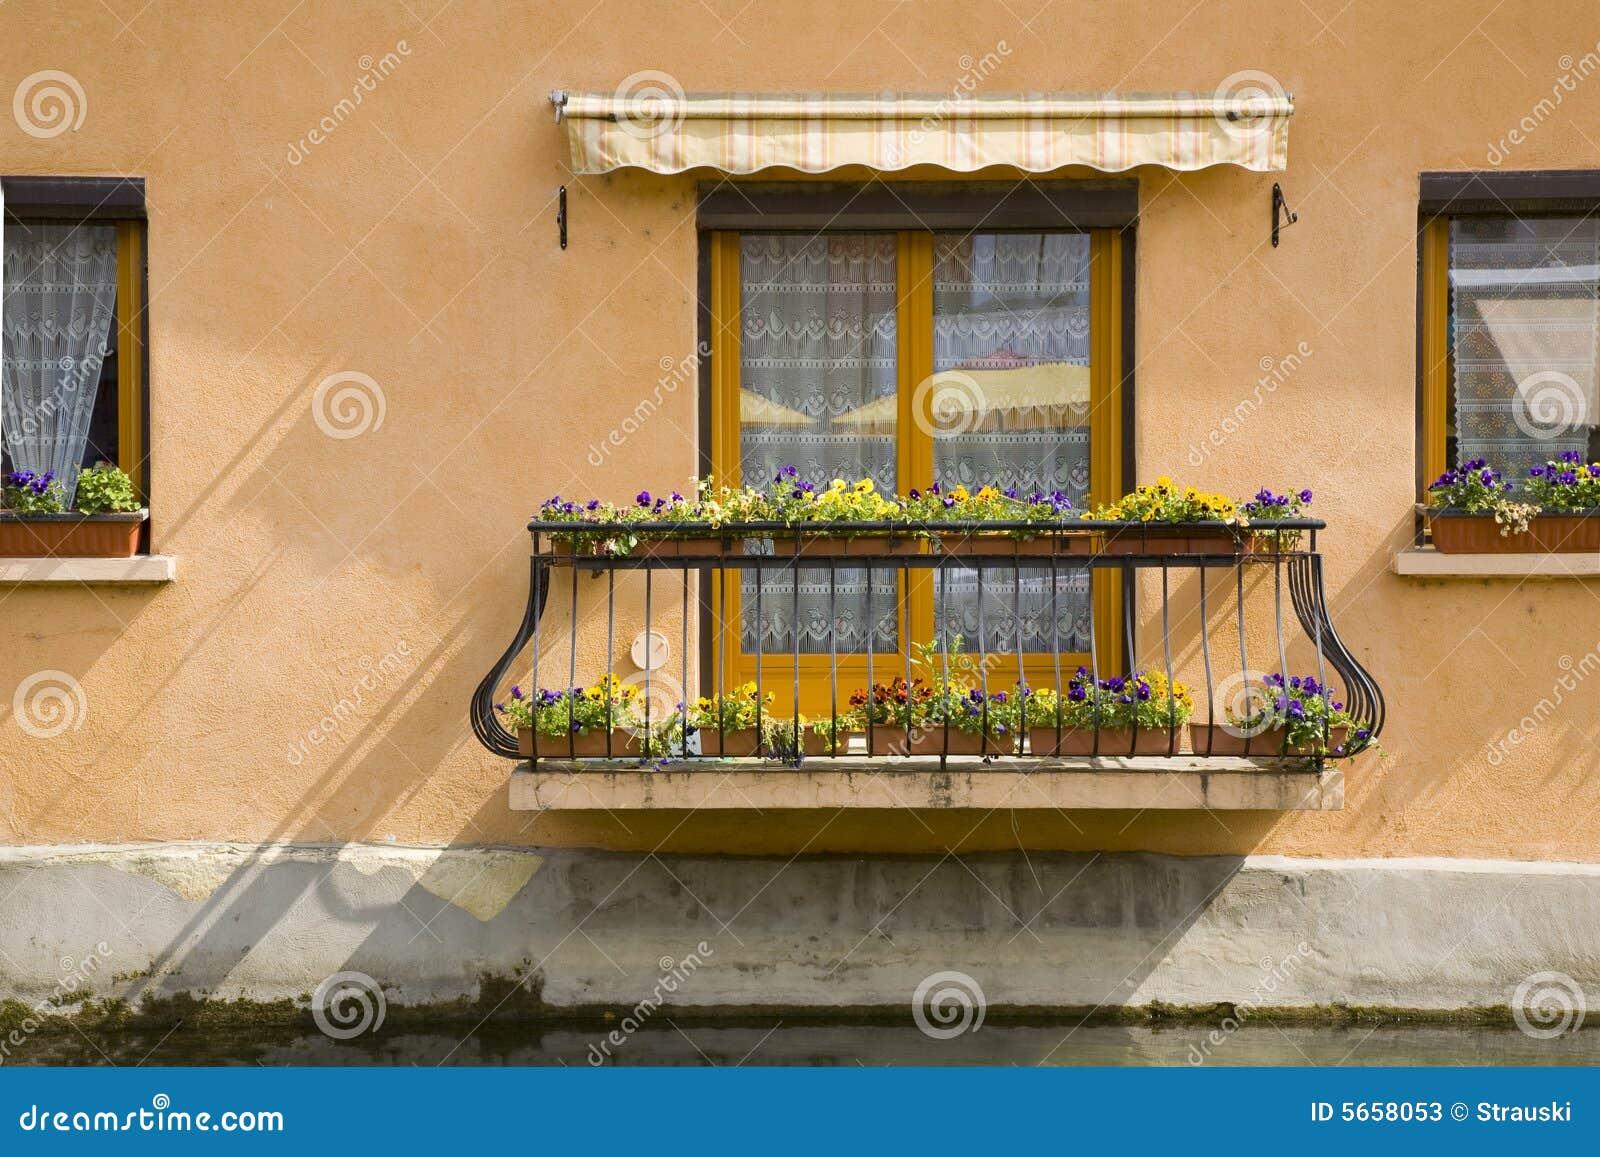 balcon d 39 une maison photos stock image 5658053. Black Bedroom Furniture Sets. Home Design Ideas